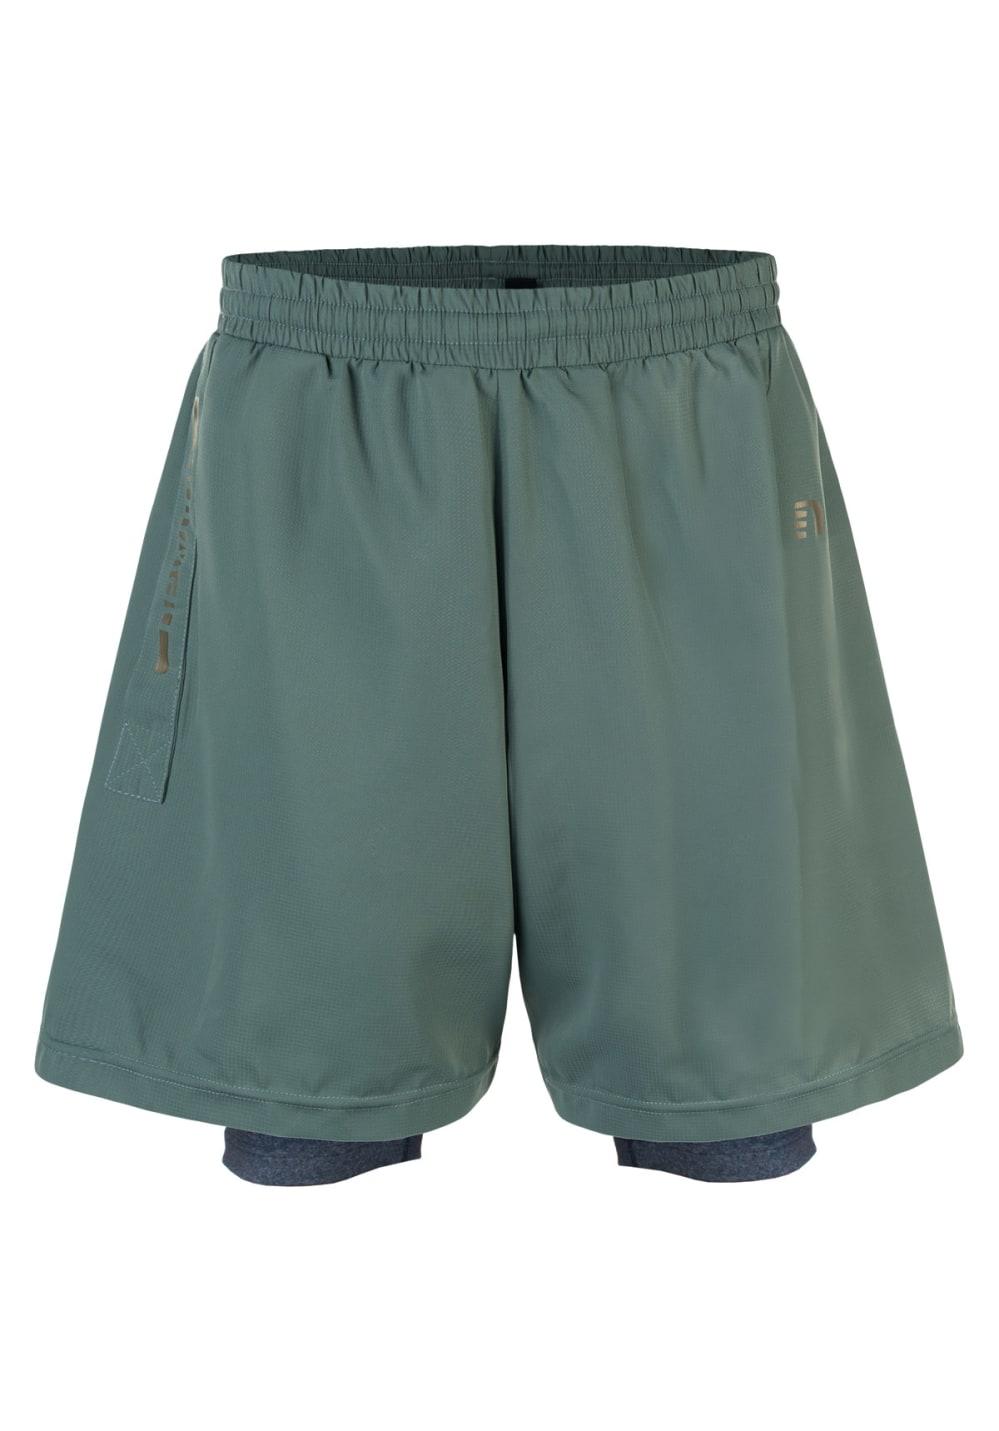 Newline Imotion 2-Lay Shorts - Laufhosen für Herren - Grau, Gr. S